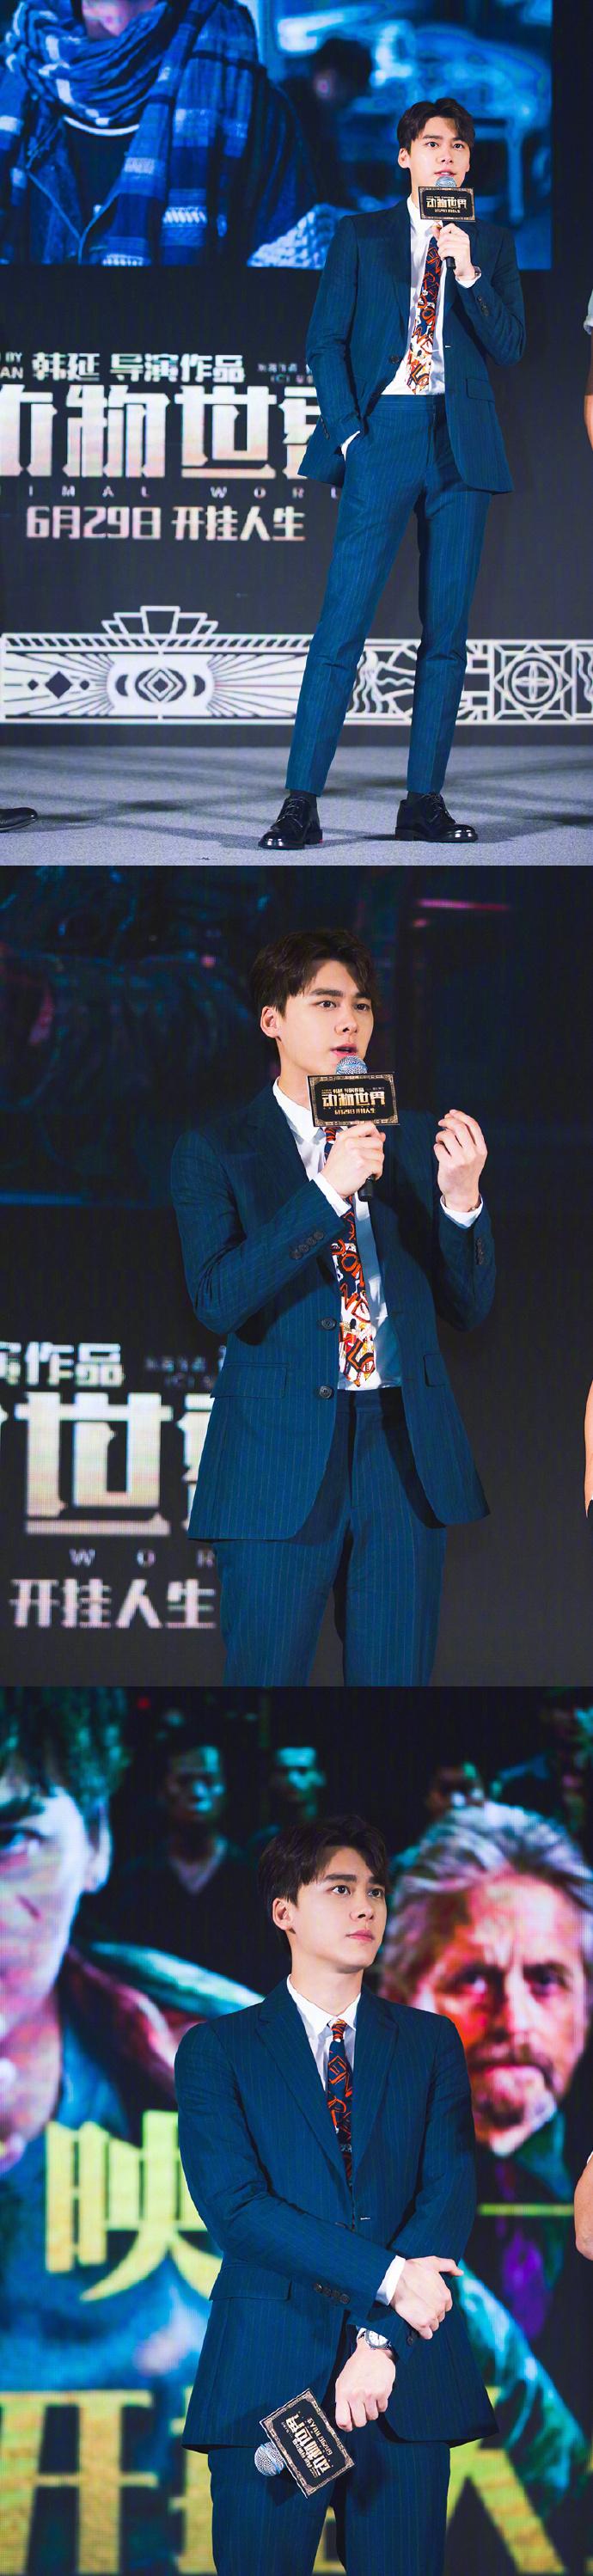 李易峰《动物世界》路演看完电影的感觉就是以后请叫他:演员李易峰